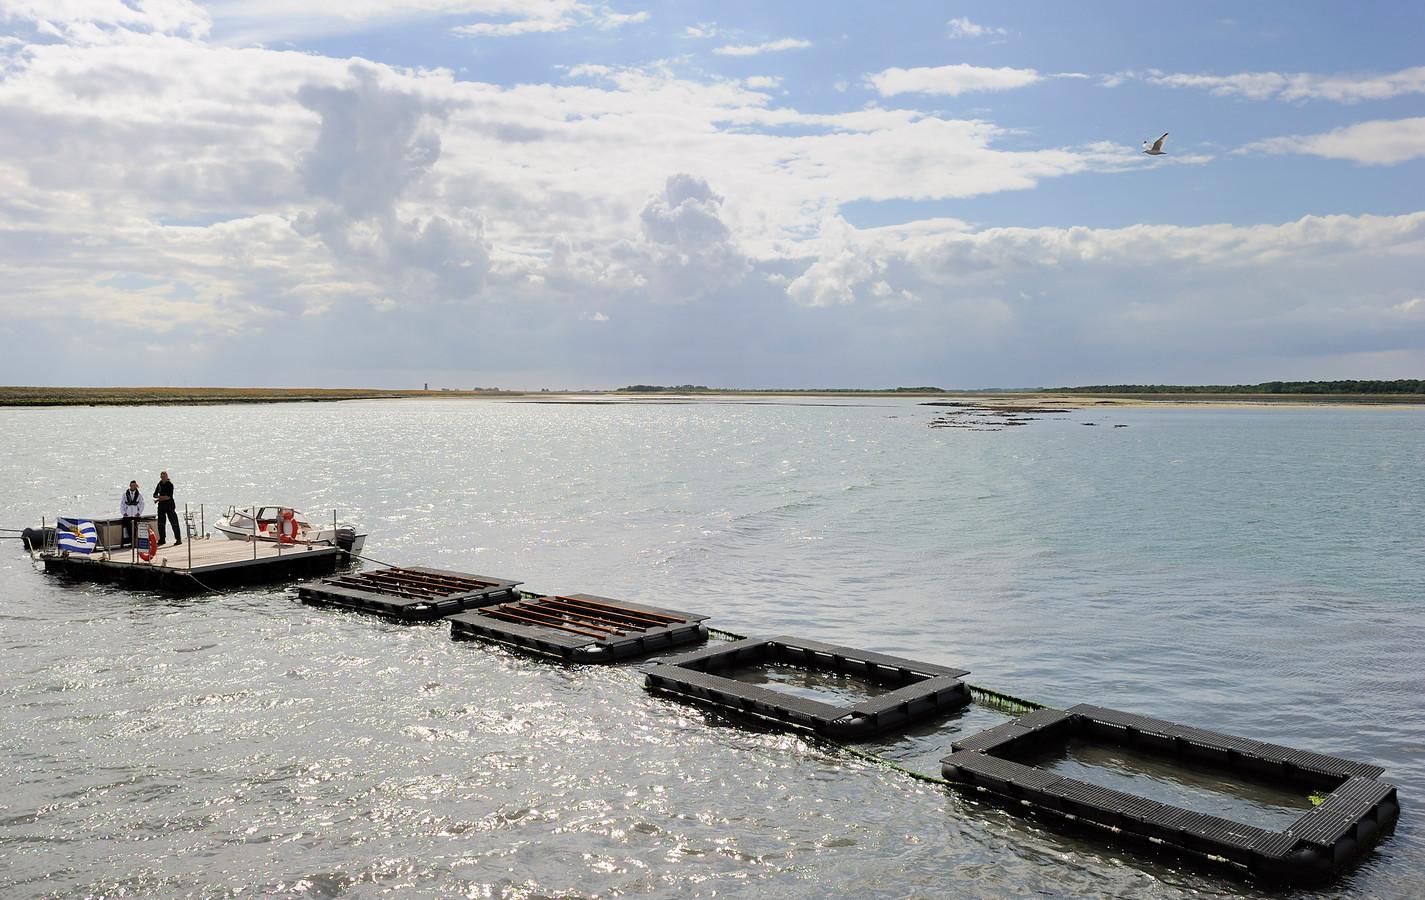 Zeewier kan niet alleen worden gebruikt voor de productie van biobrandstoffen.